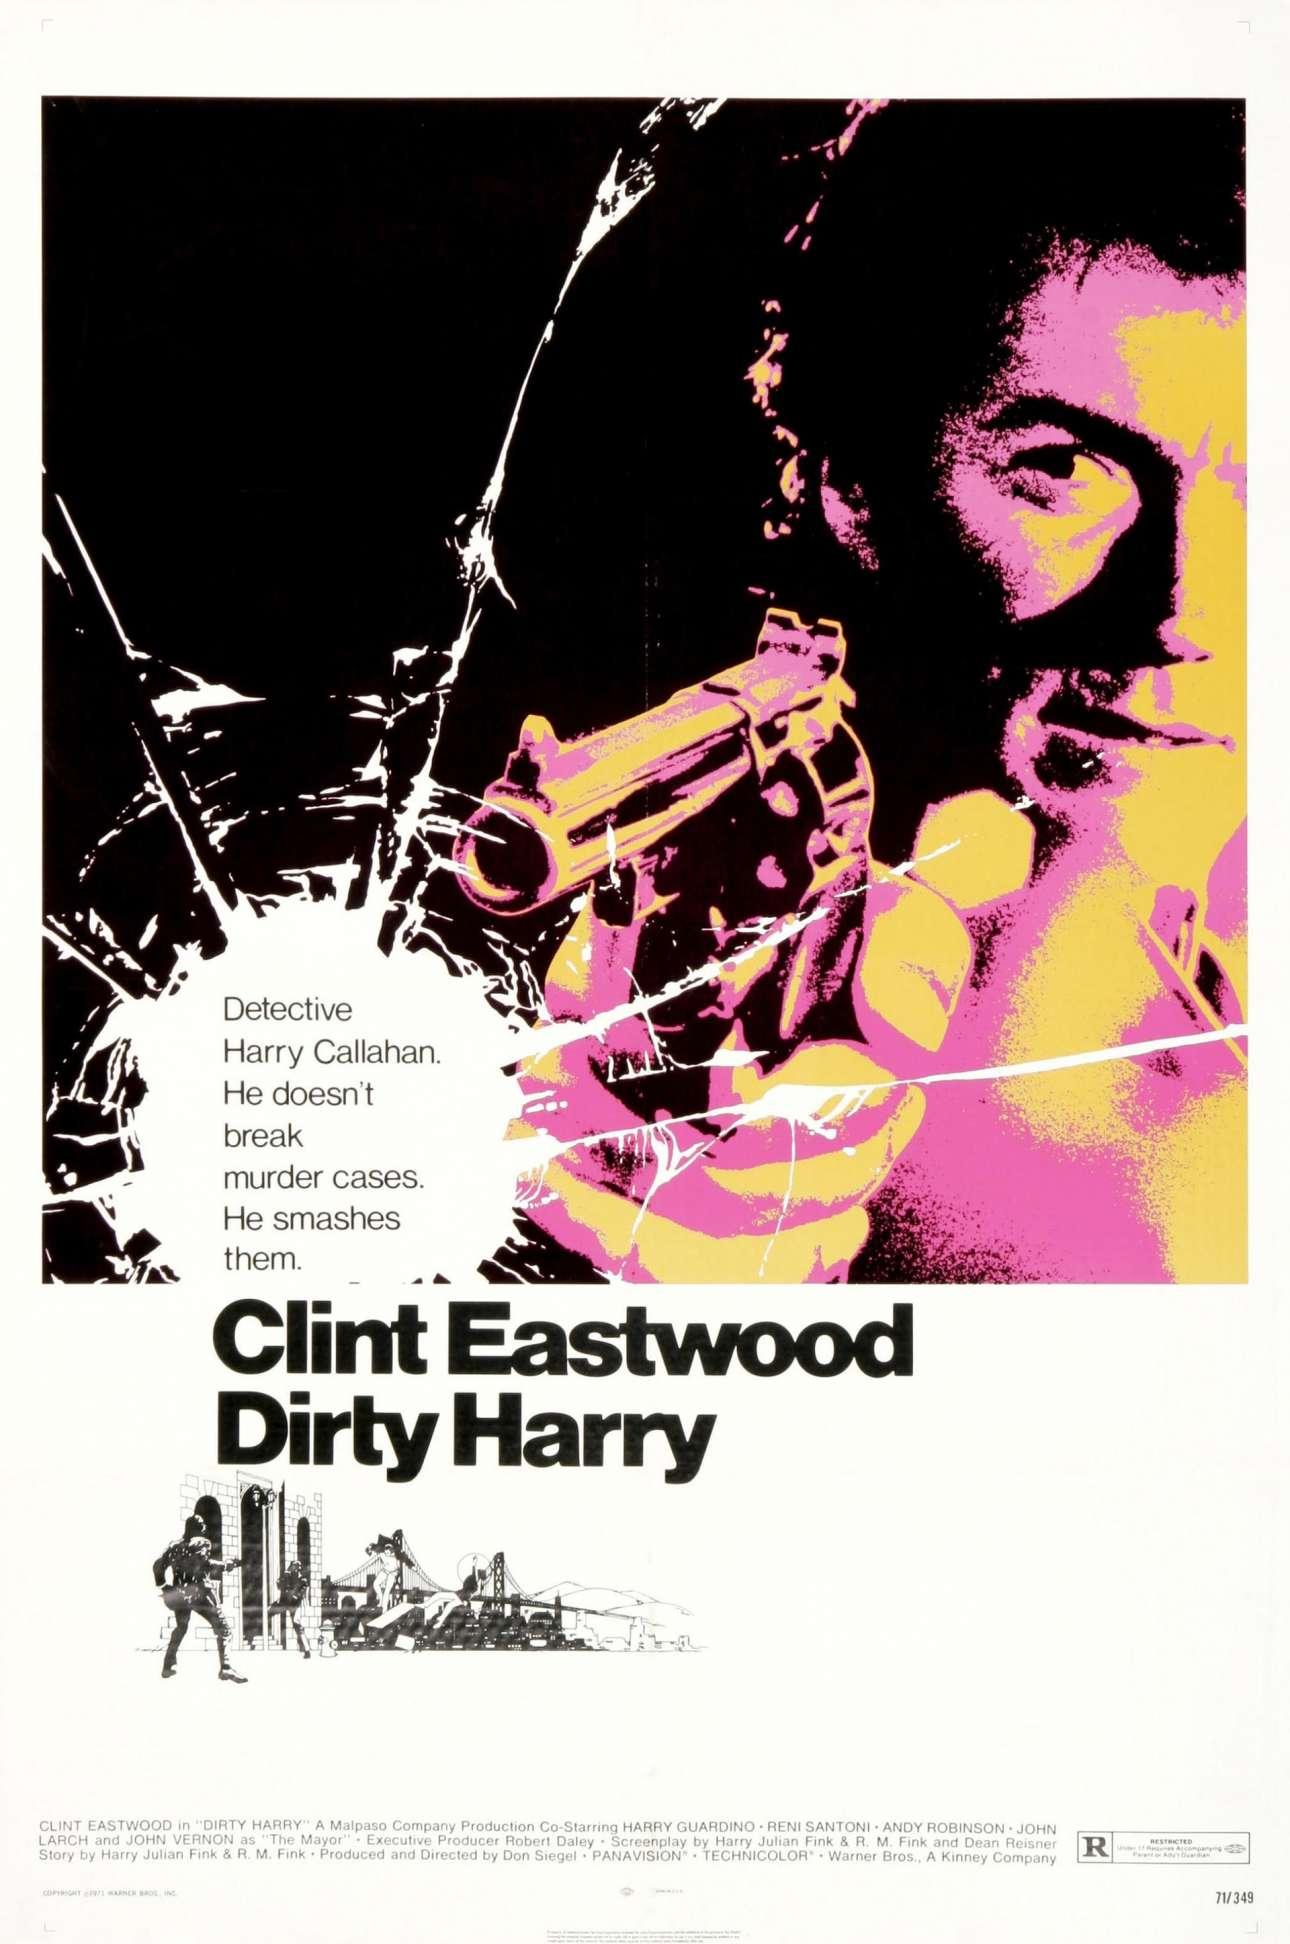 «Βρόμικος Χάρι», 1971. «Εχω δουλέψει σε διαφημιστικές καμπάνιες ταινιών του Αλφρεντ Χίτσκοκ, του Στάνλεϊ Κιούμπρικ και του Φεντερίκο Φελίνι, αλλά η πιο σημαντική μου σχέση είναι με τον Κλιντ Ιστγουντ»